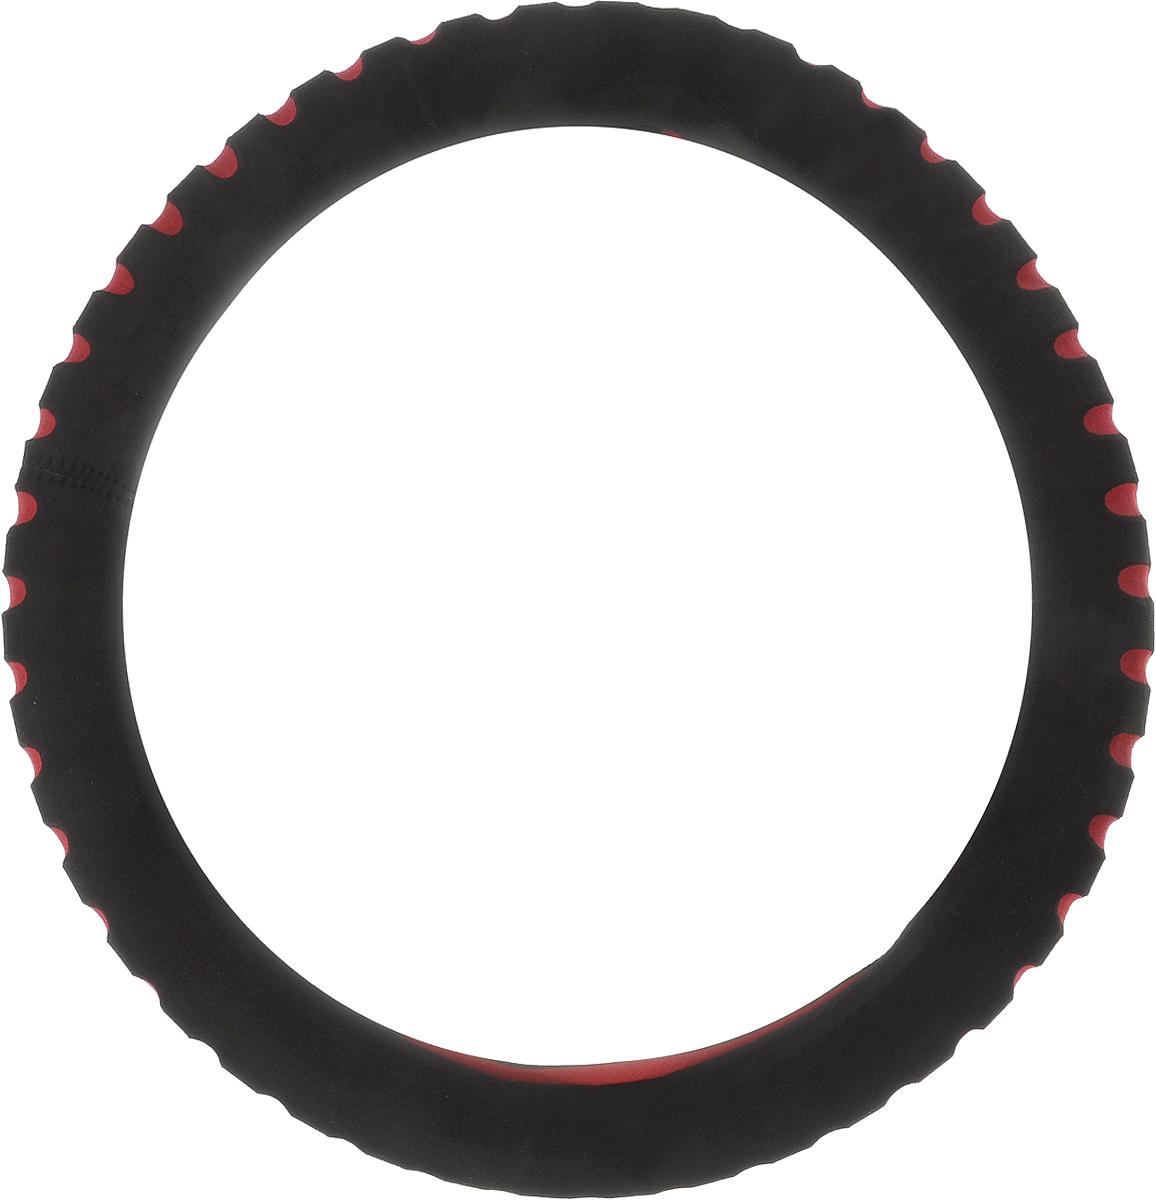 Чехол на руль Alca Люкс, перфорированный, цвет: черный, красный, диаметр 37-39 см596000_черный, красныйЧехол на руль Alca Люкс, имея стандартный размер, подходит для большинства иностранных автомобилей и отечественных моделей. Чехол легко устанавливается на рулевое колесо автомобиля, защищает его от потертостей и загрязнений. Чехол на руль Alca Люкс позволит сделать интерьер автомобиля более выразительным и комфортным.